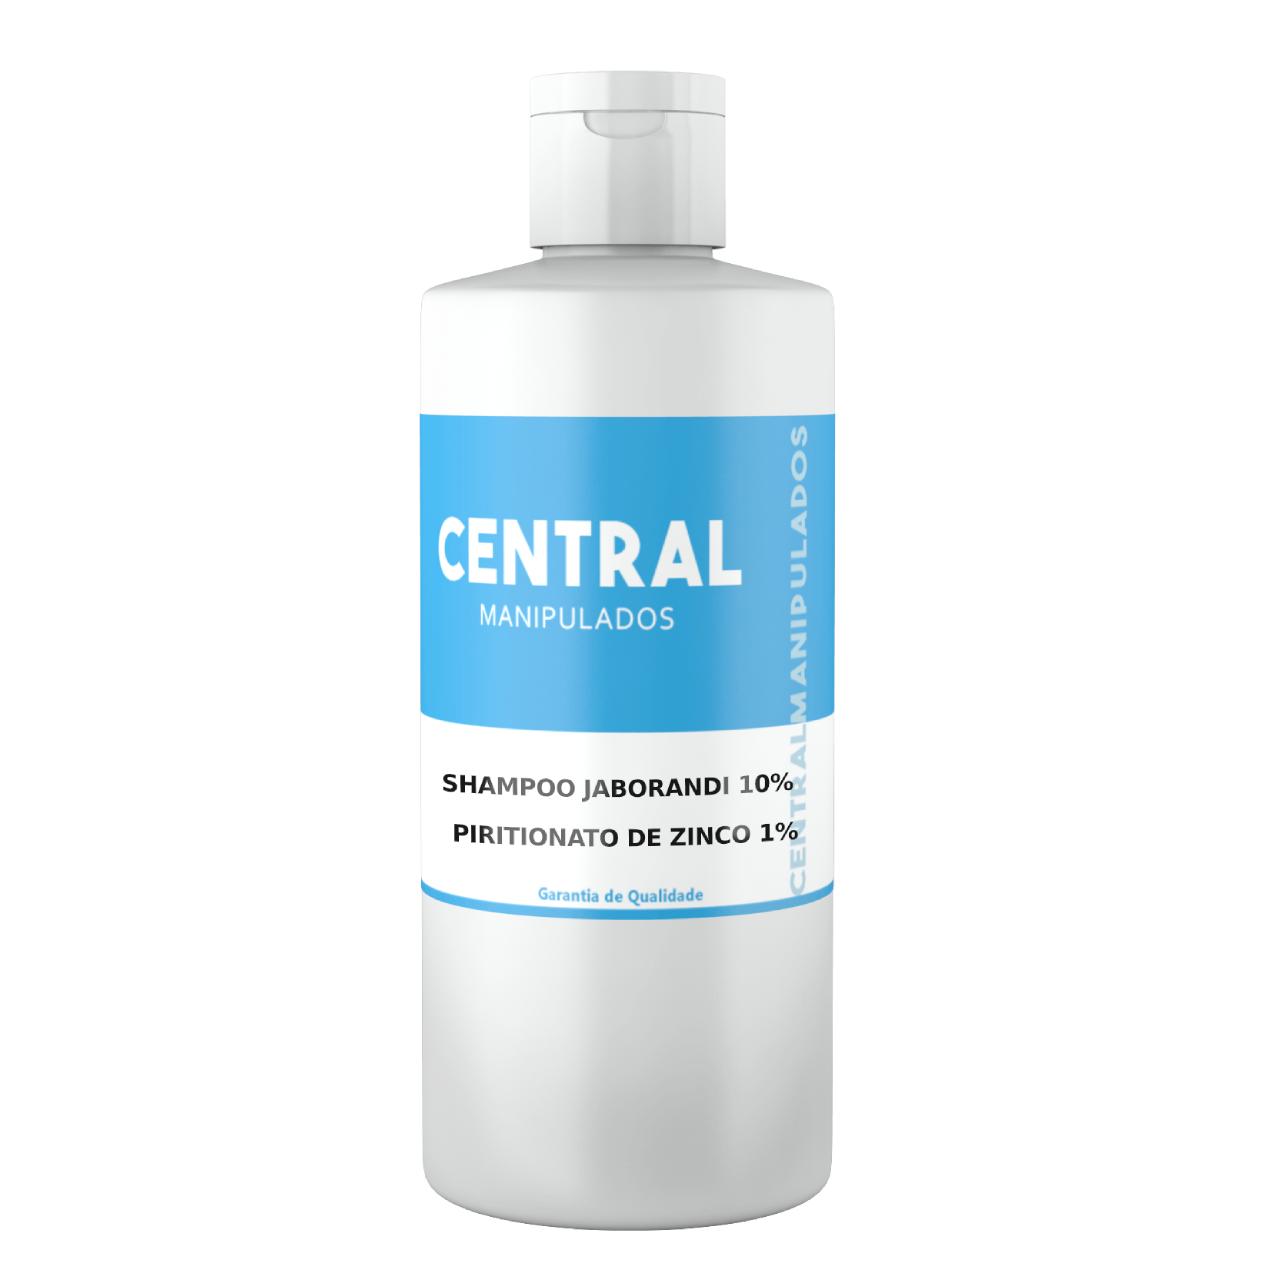 Jaborandi 10% + Piritionato de Zinco 1% -  Shampoo 200ml  - Anti queda para cabelo frágil e quebradiço, combate oleosidade e caspa